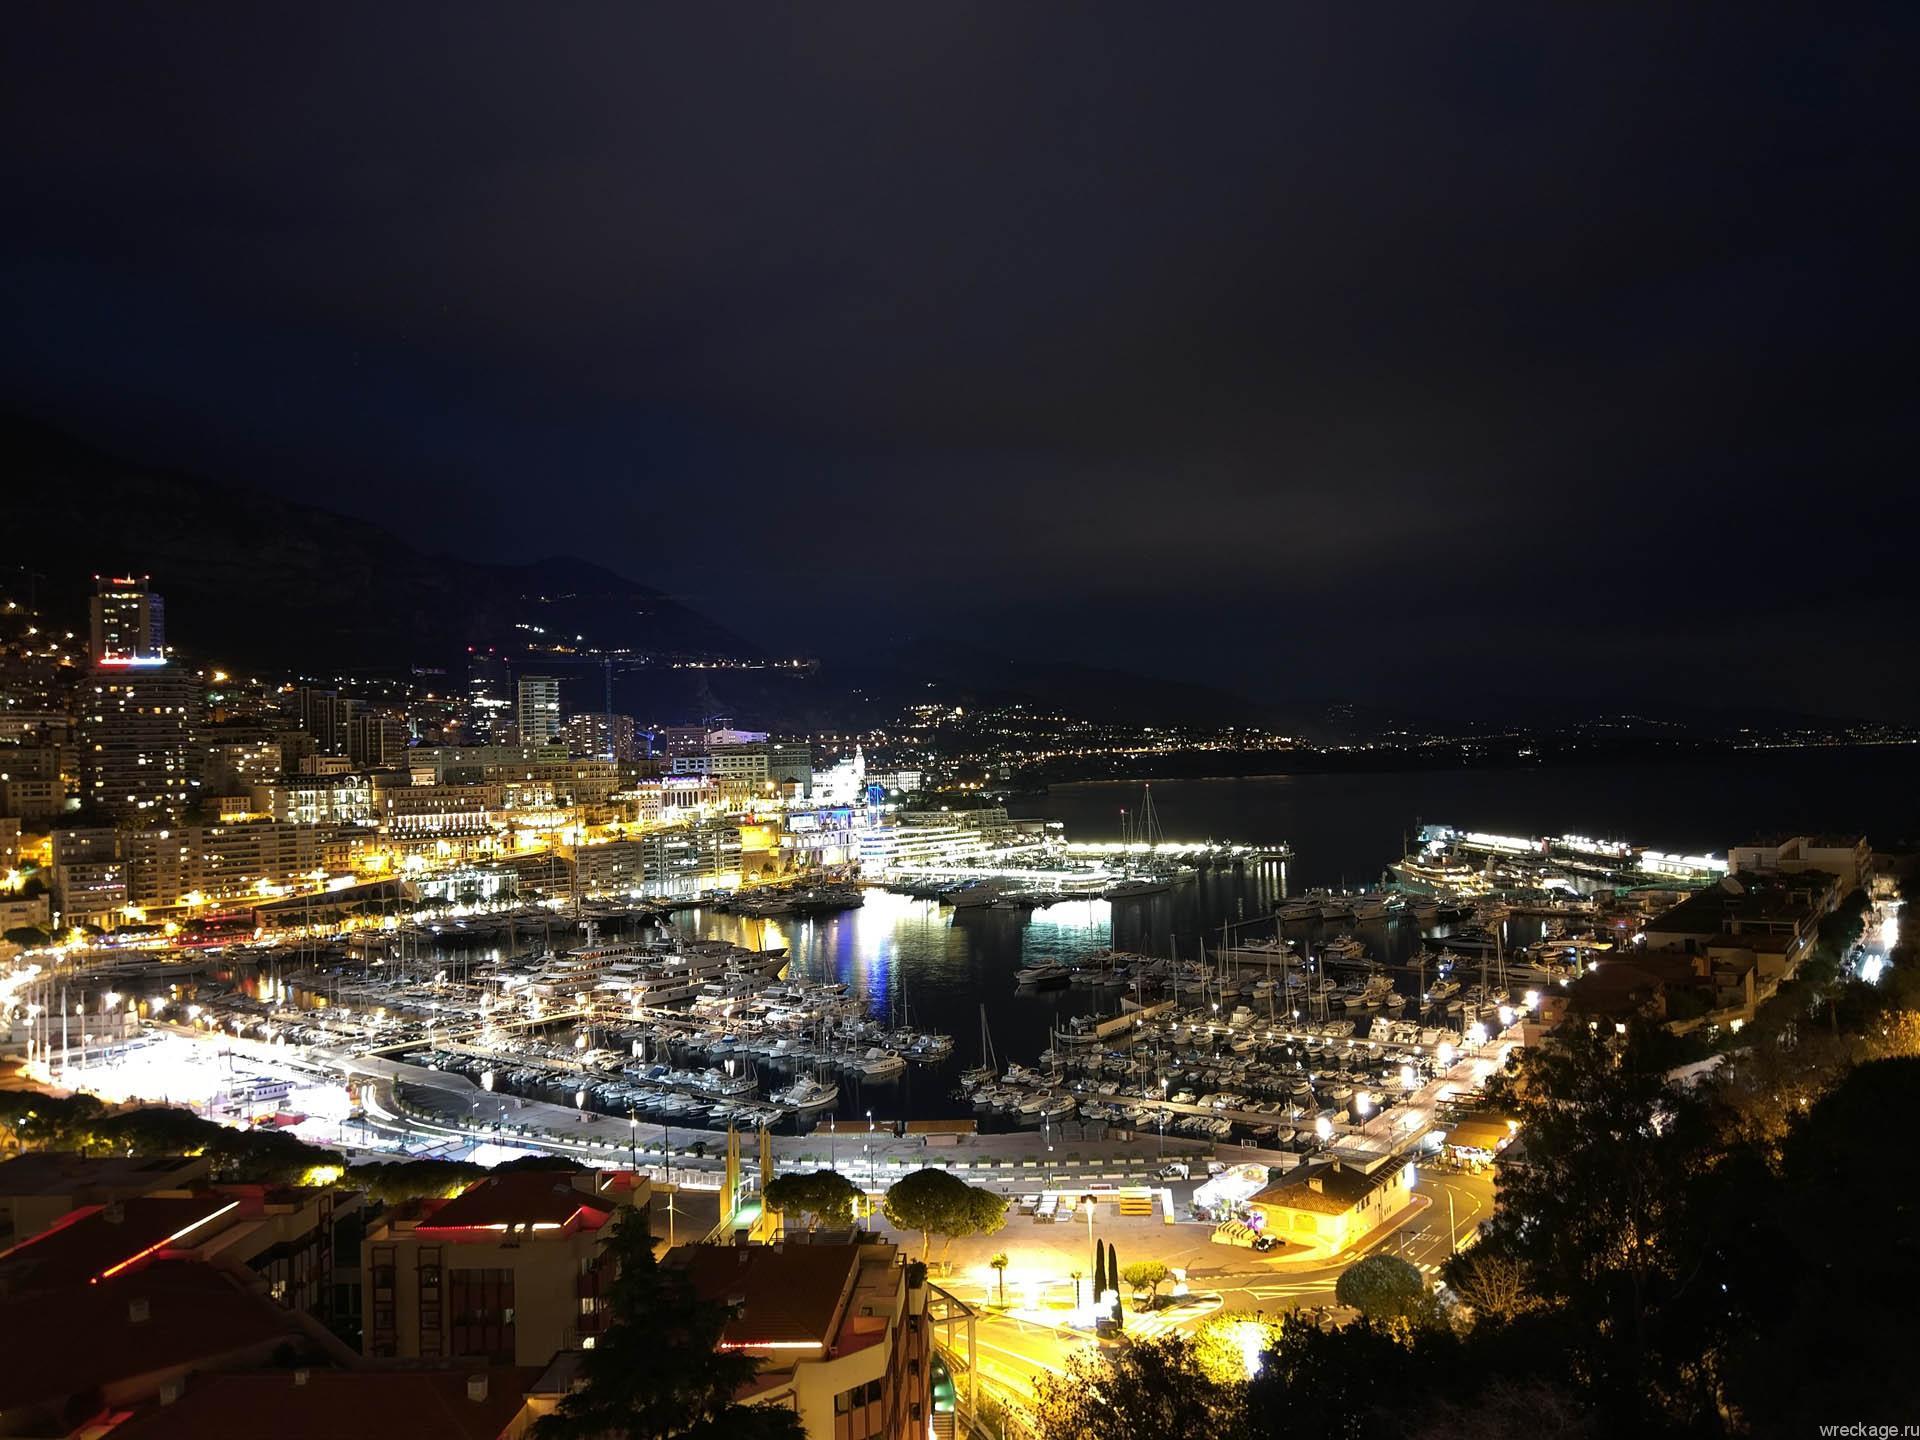 В Монако из Ниццы. Супер маленькая страна